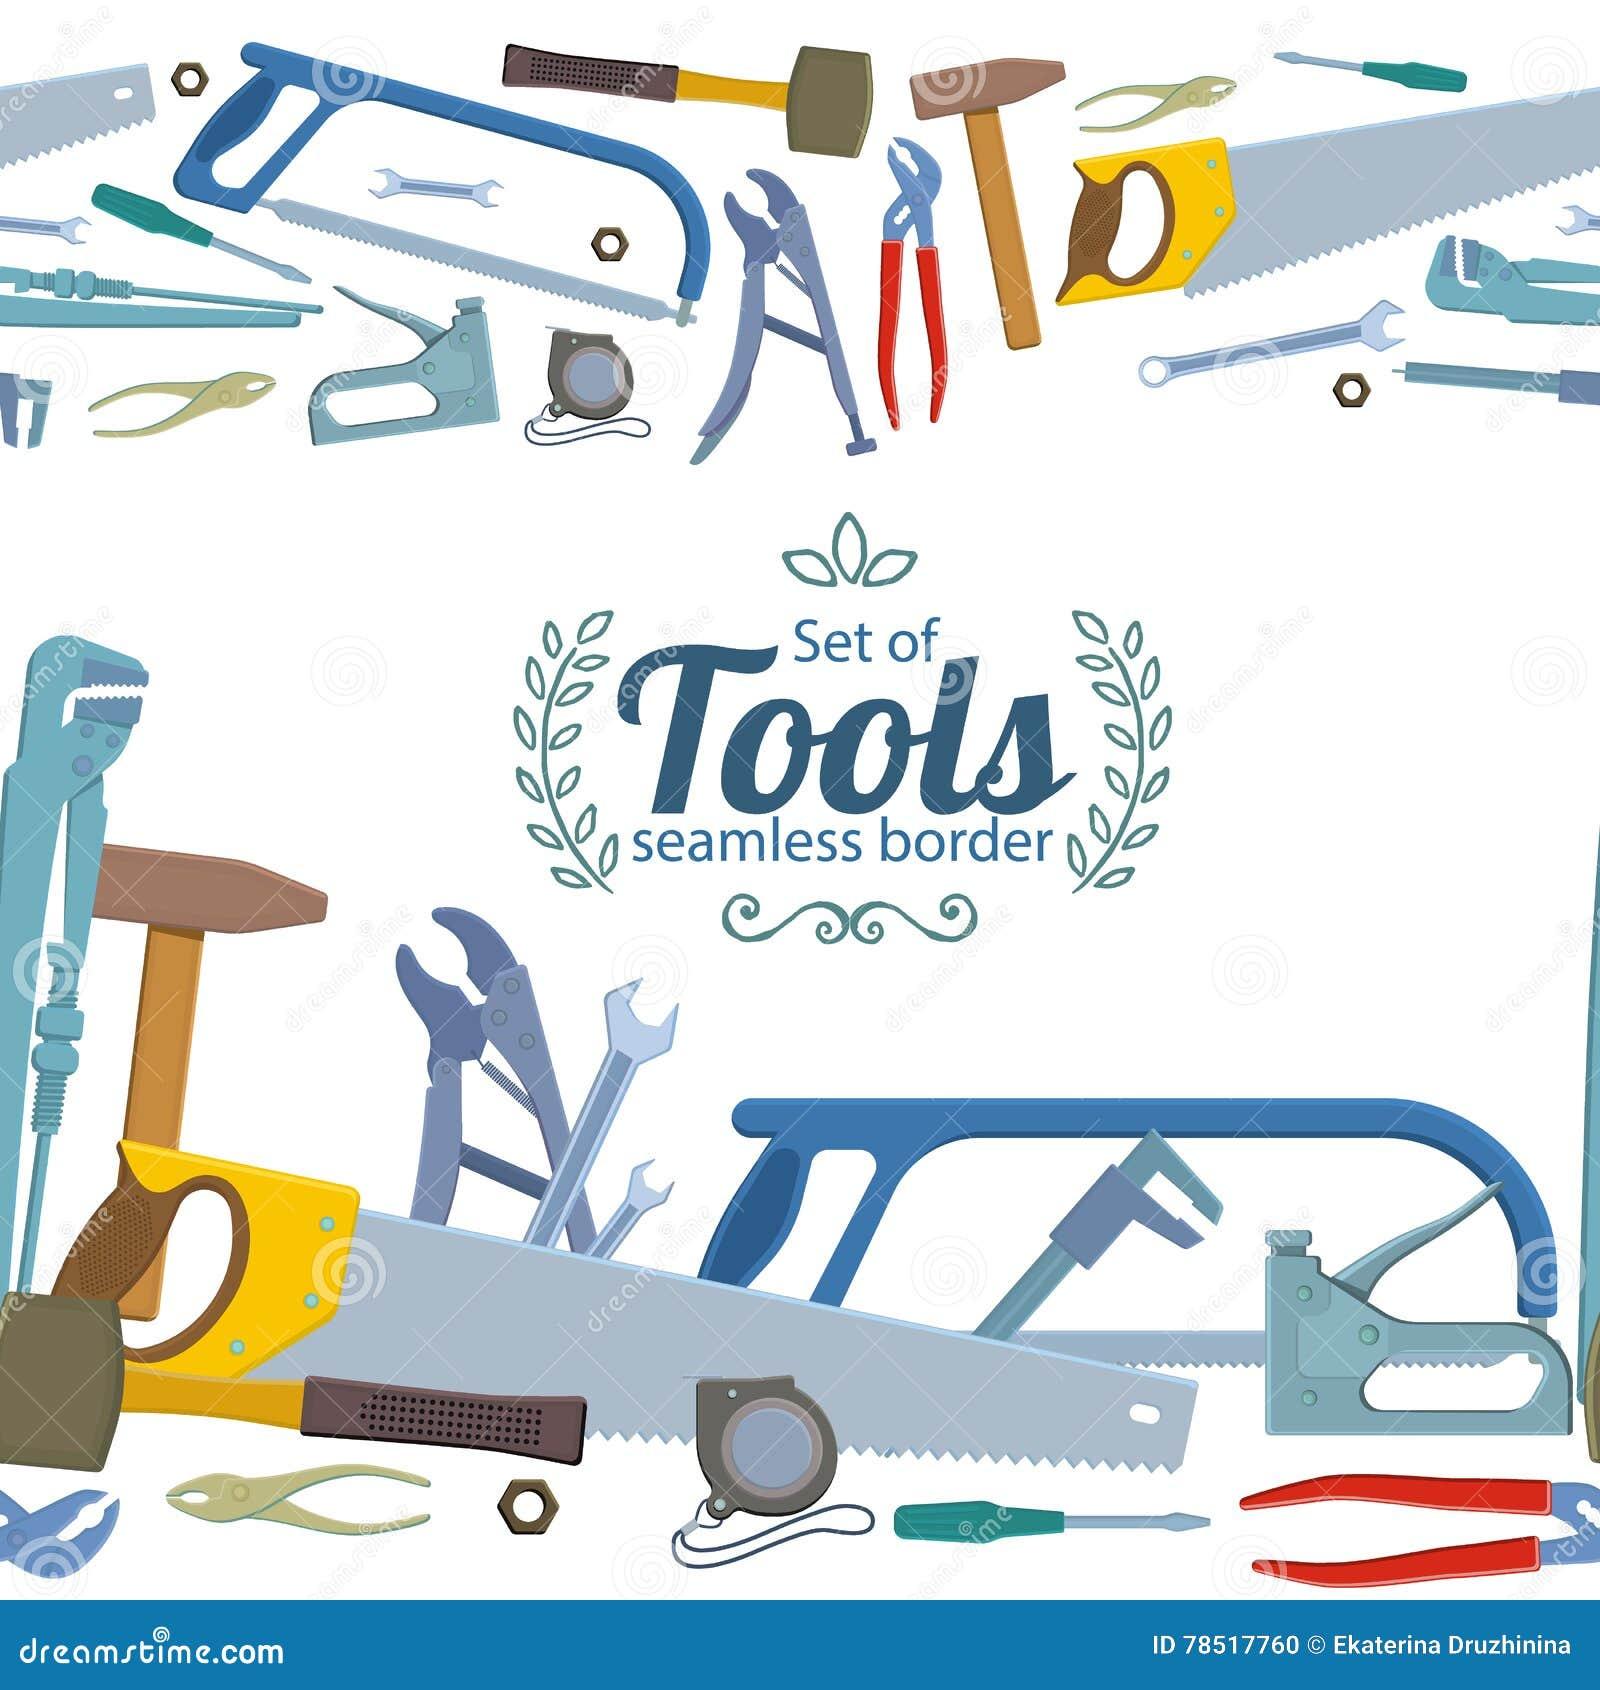 Seamless Horizontal Borders Of Repair Tools Stock Vector ...